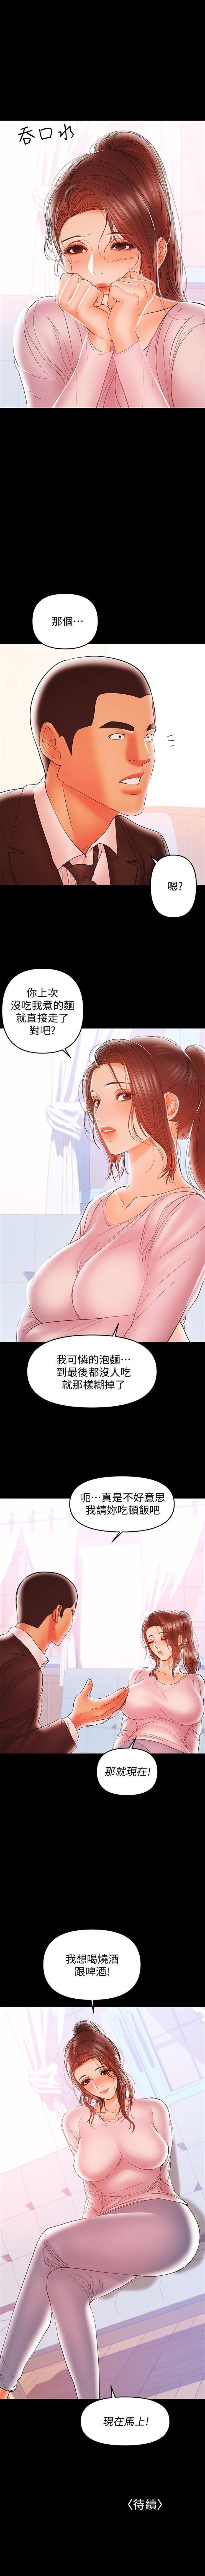 (週6)兼職奶媽 1-31 中文翻譯 (更新中) 163